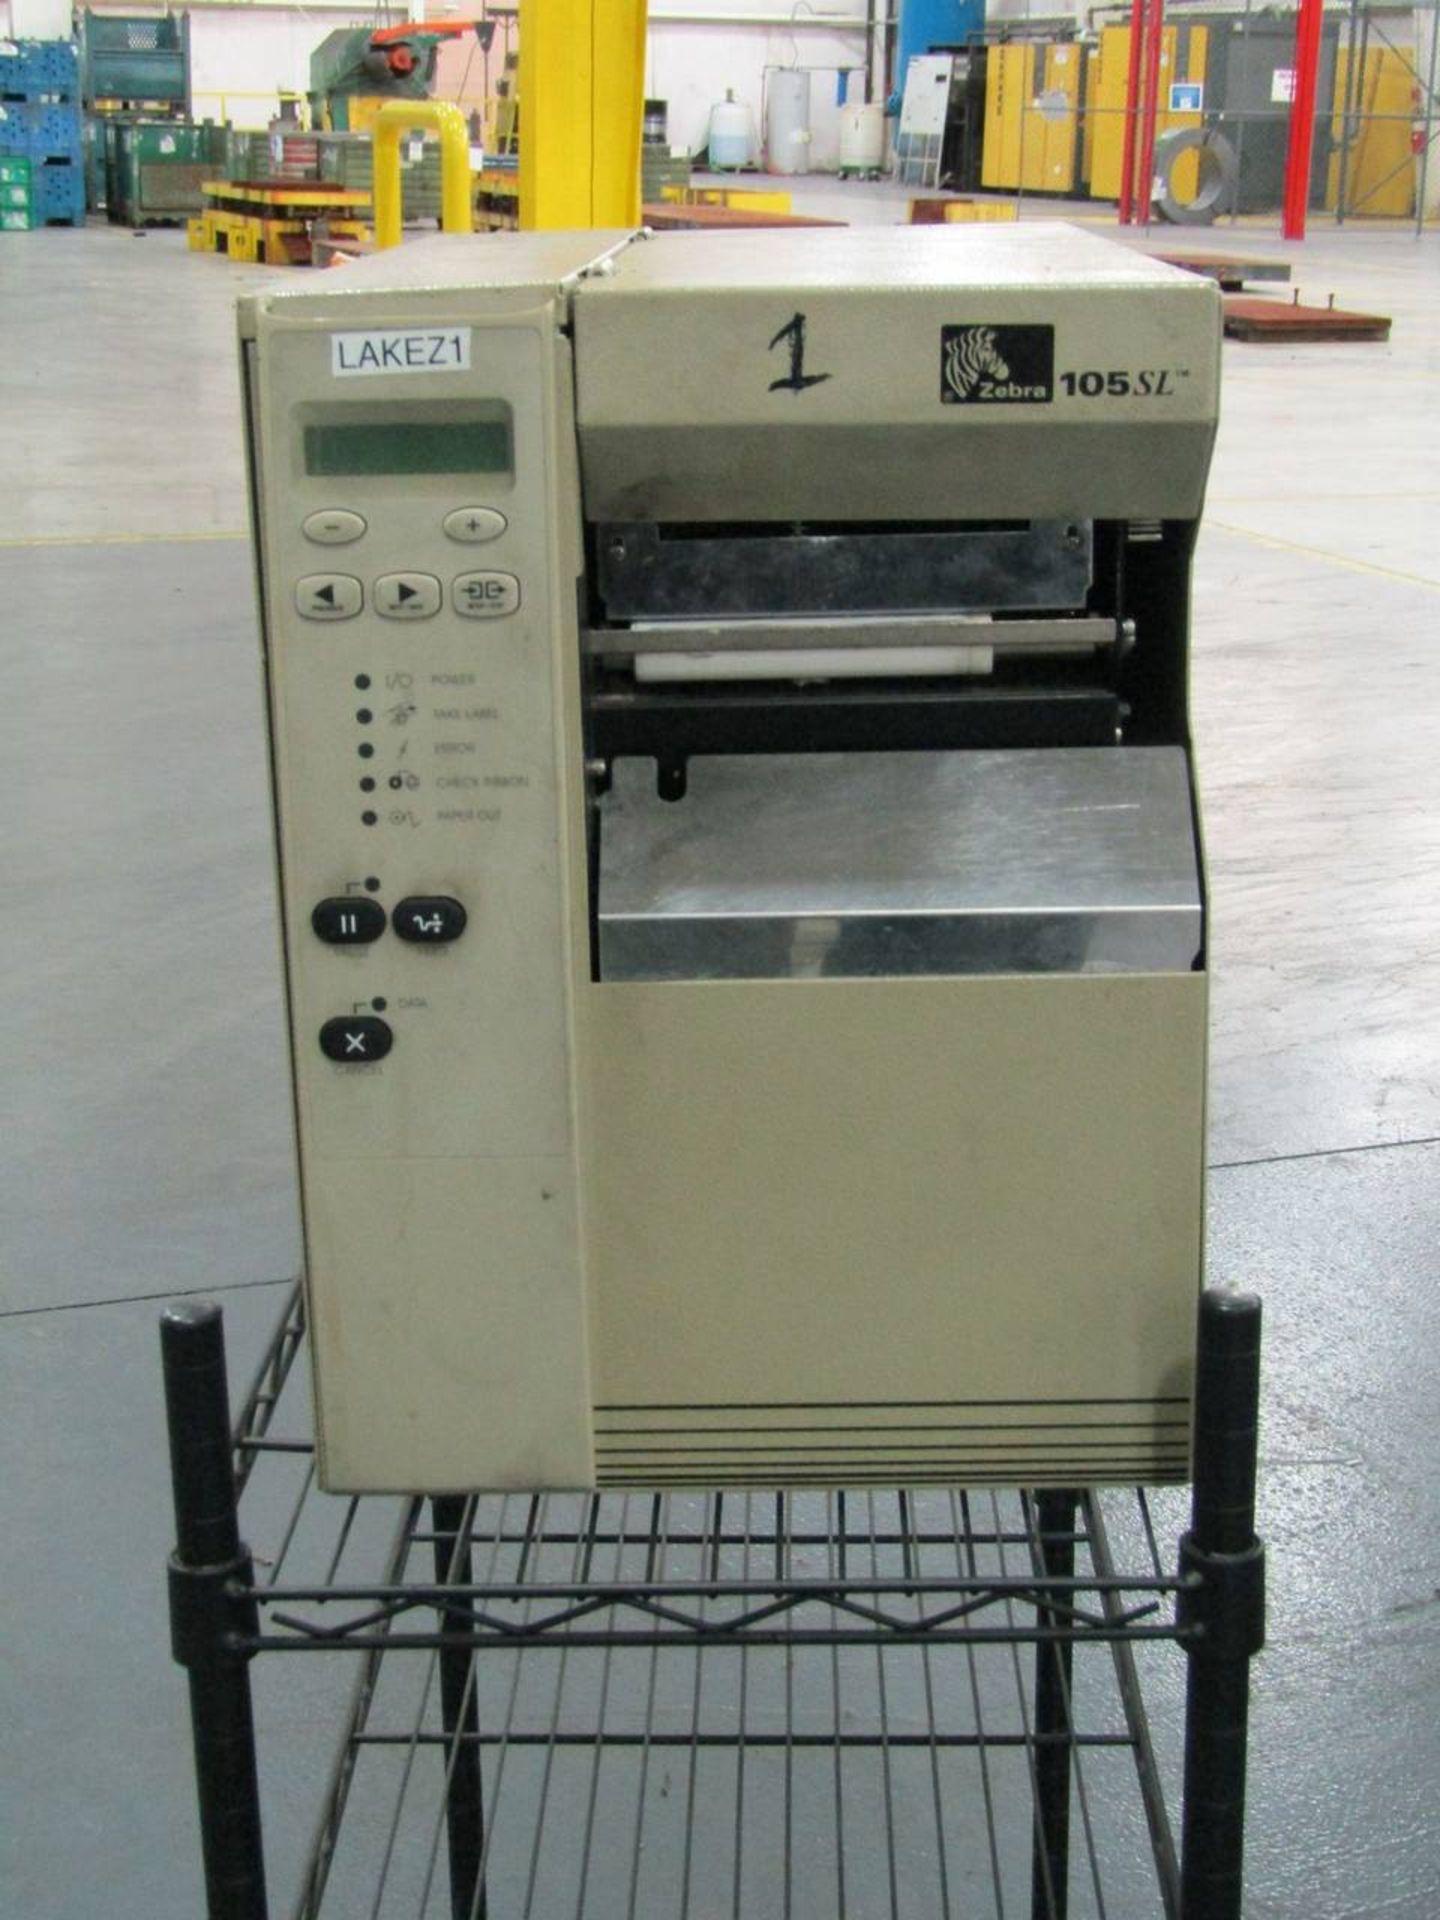 Zebra 105SL Thermal Label Printer